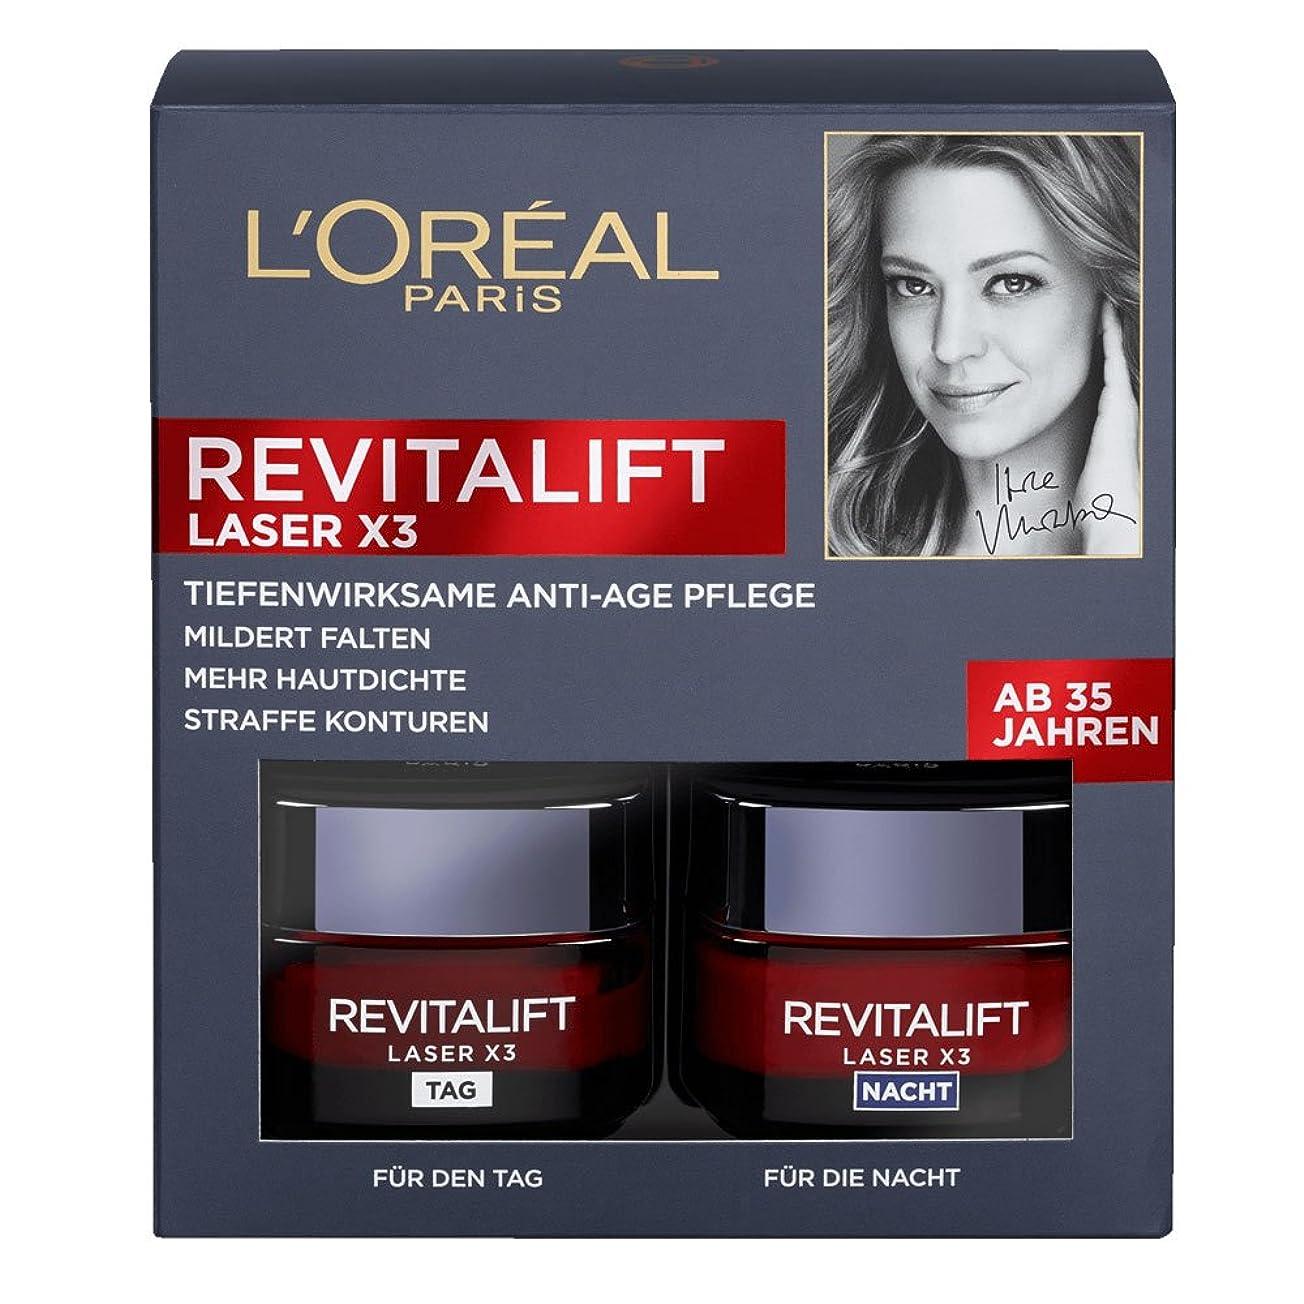 新鮮なポンペイコテージロレアル パリ リバイタリフト レーザーX3 ナイトクリームマスク L'Oreal Revitalift Laser Anti-Age LaserX3 Night Cream+Day Cream Set [並行輸入品]